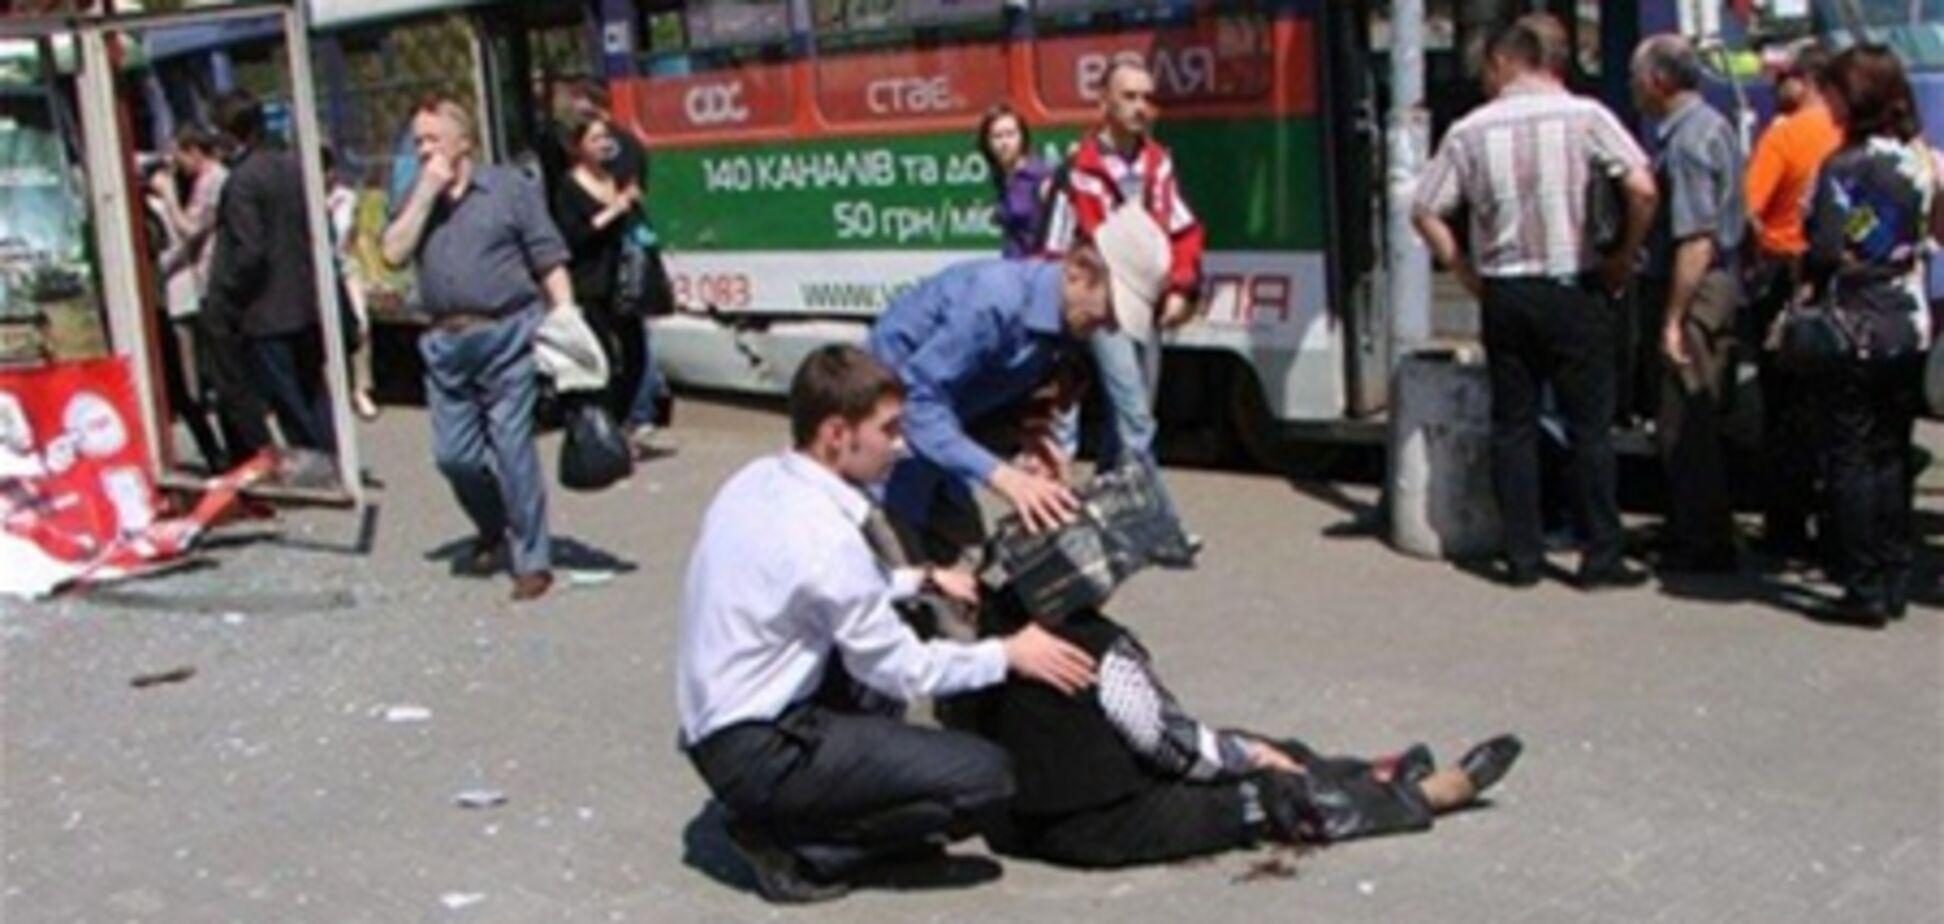 МВД привлекло внутренние войска для патрулирования Днепропетровска